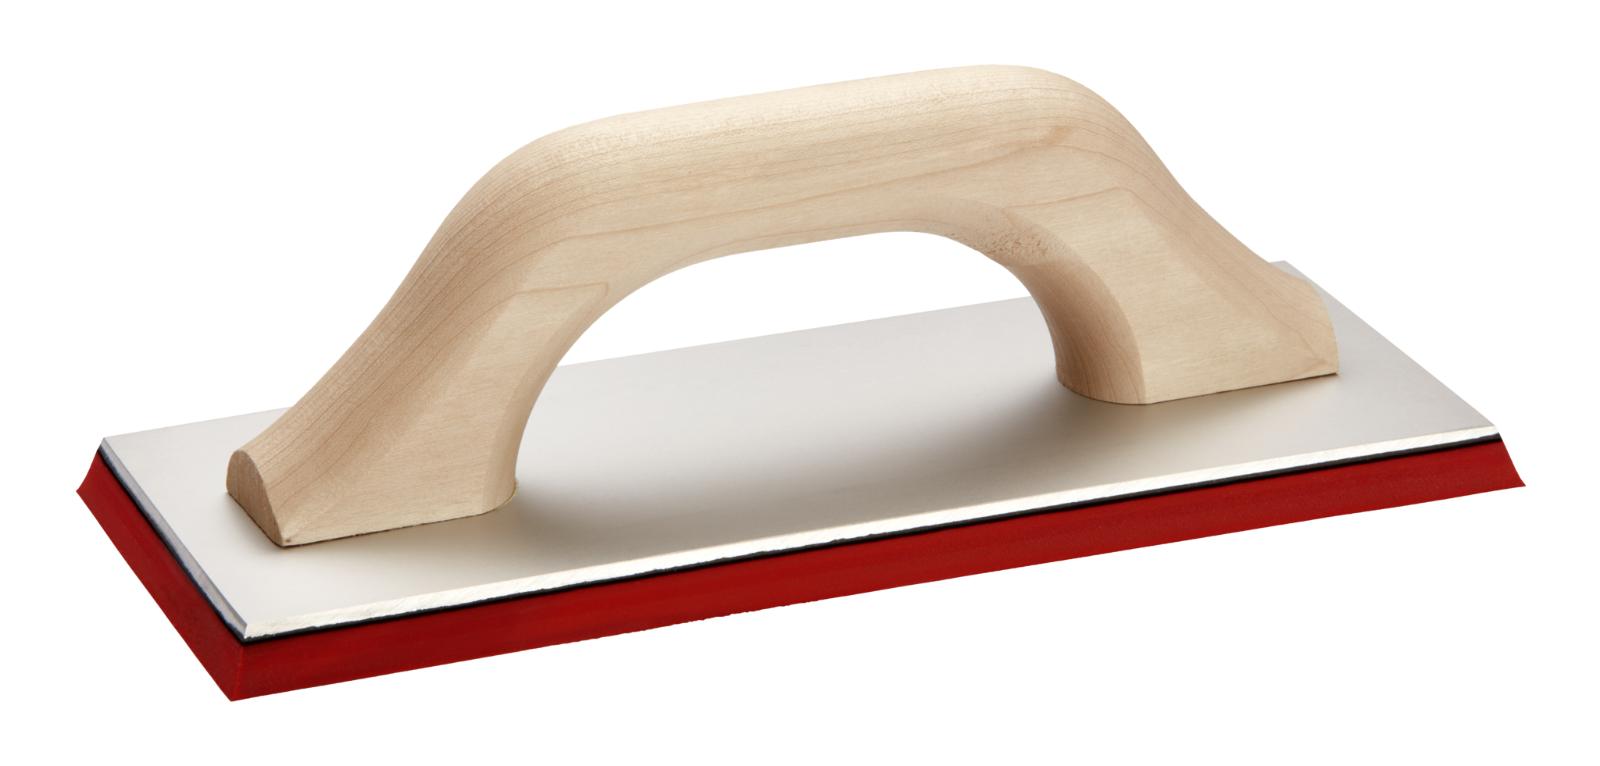 PCI Gummifugscheibe zum leichteren Ausfugen von Keramikbelägen Verfugung Epoxi